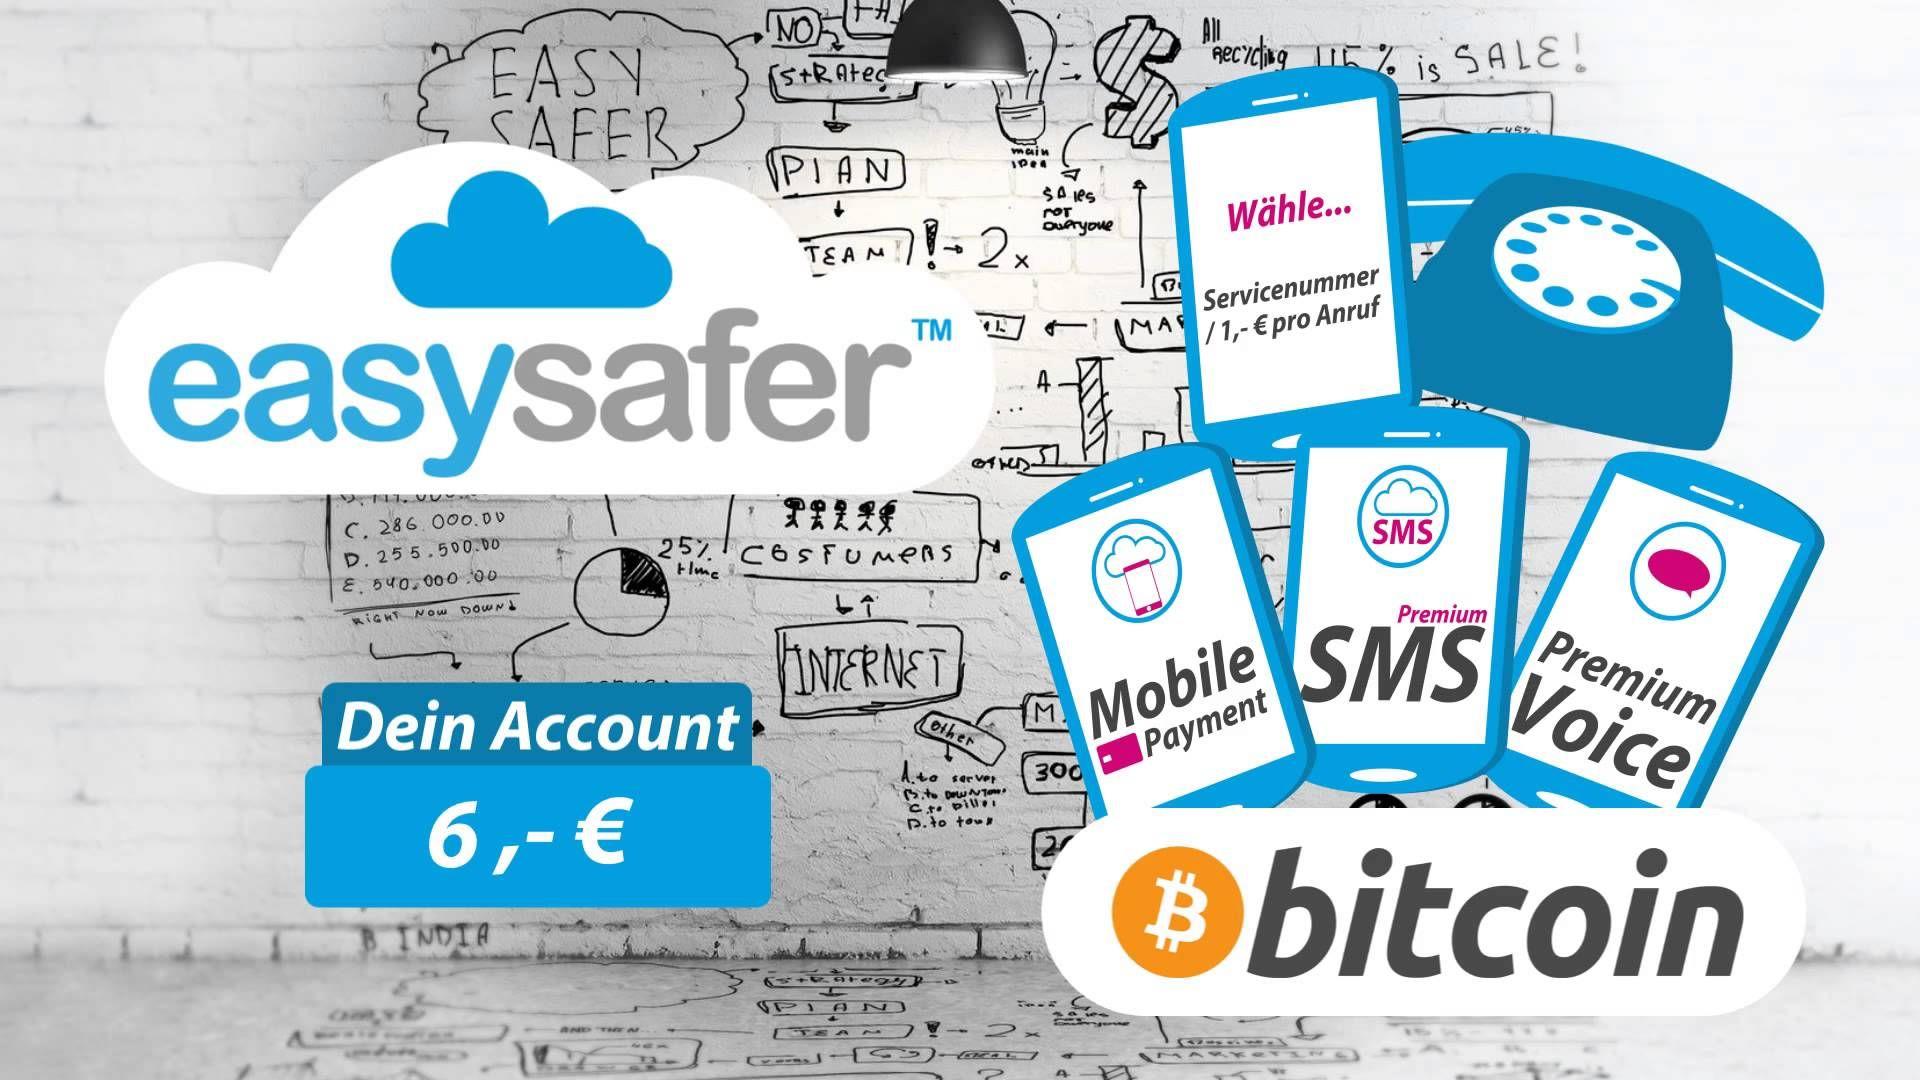 Easysafer.Com